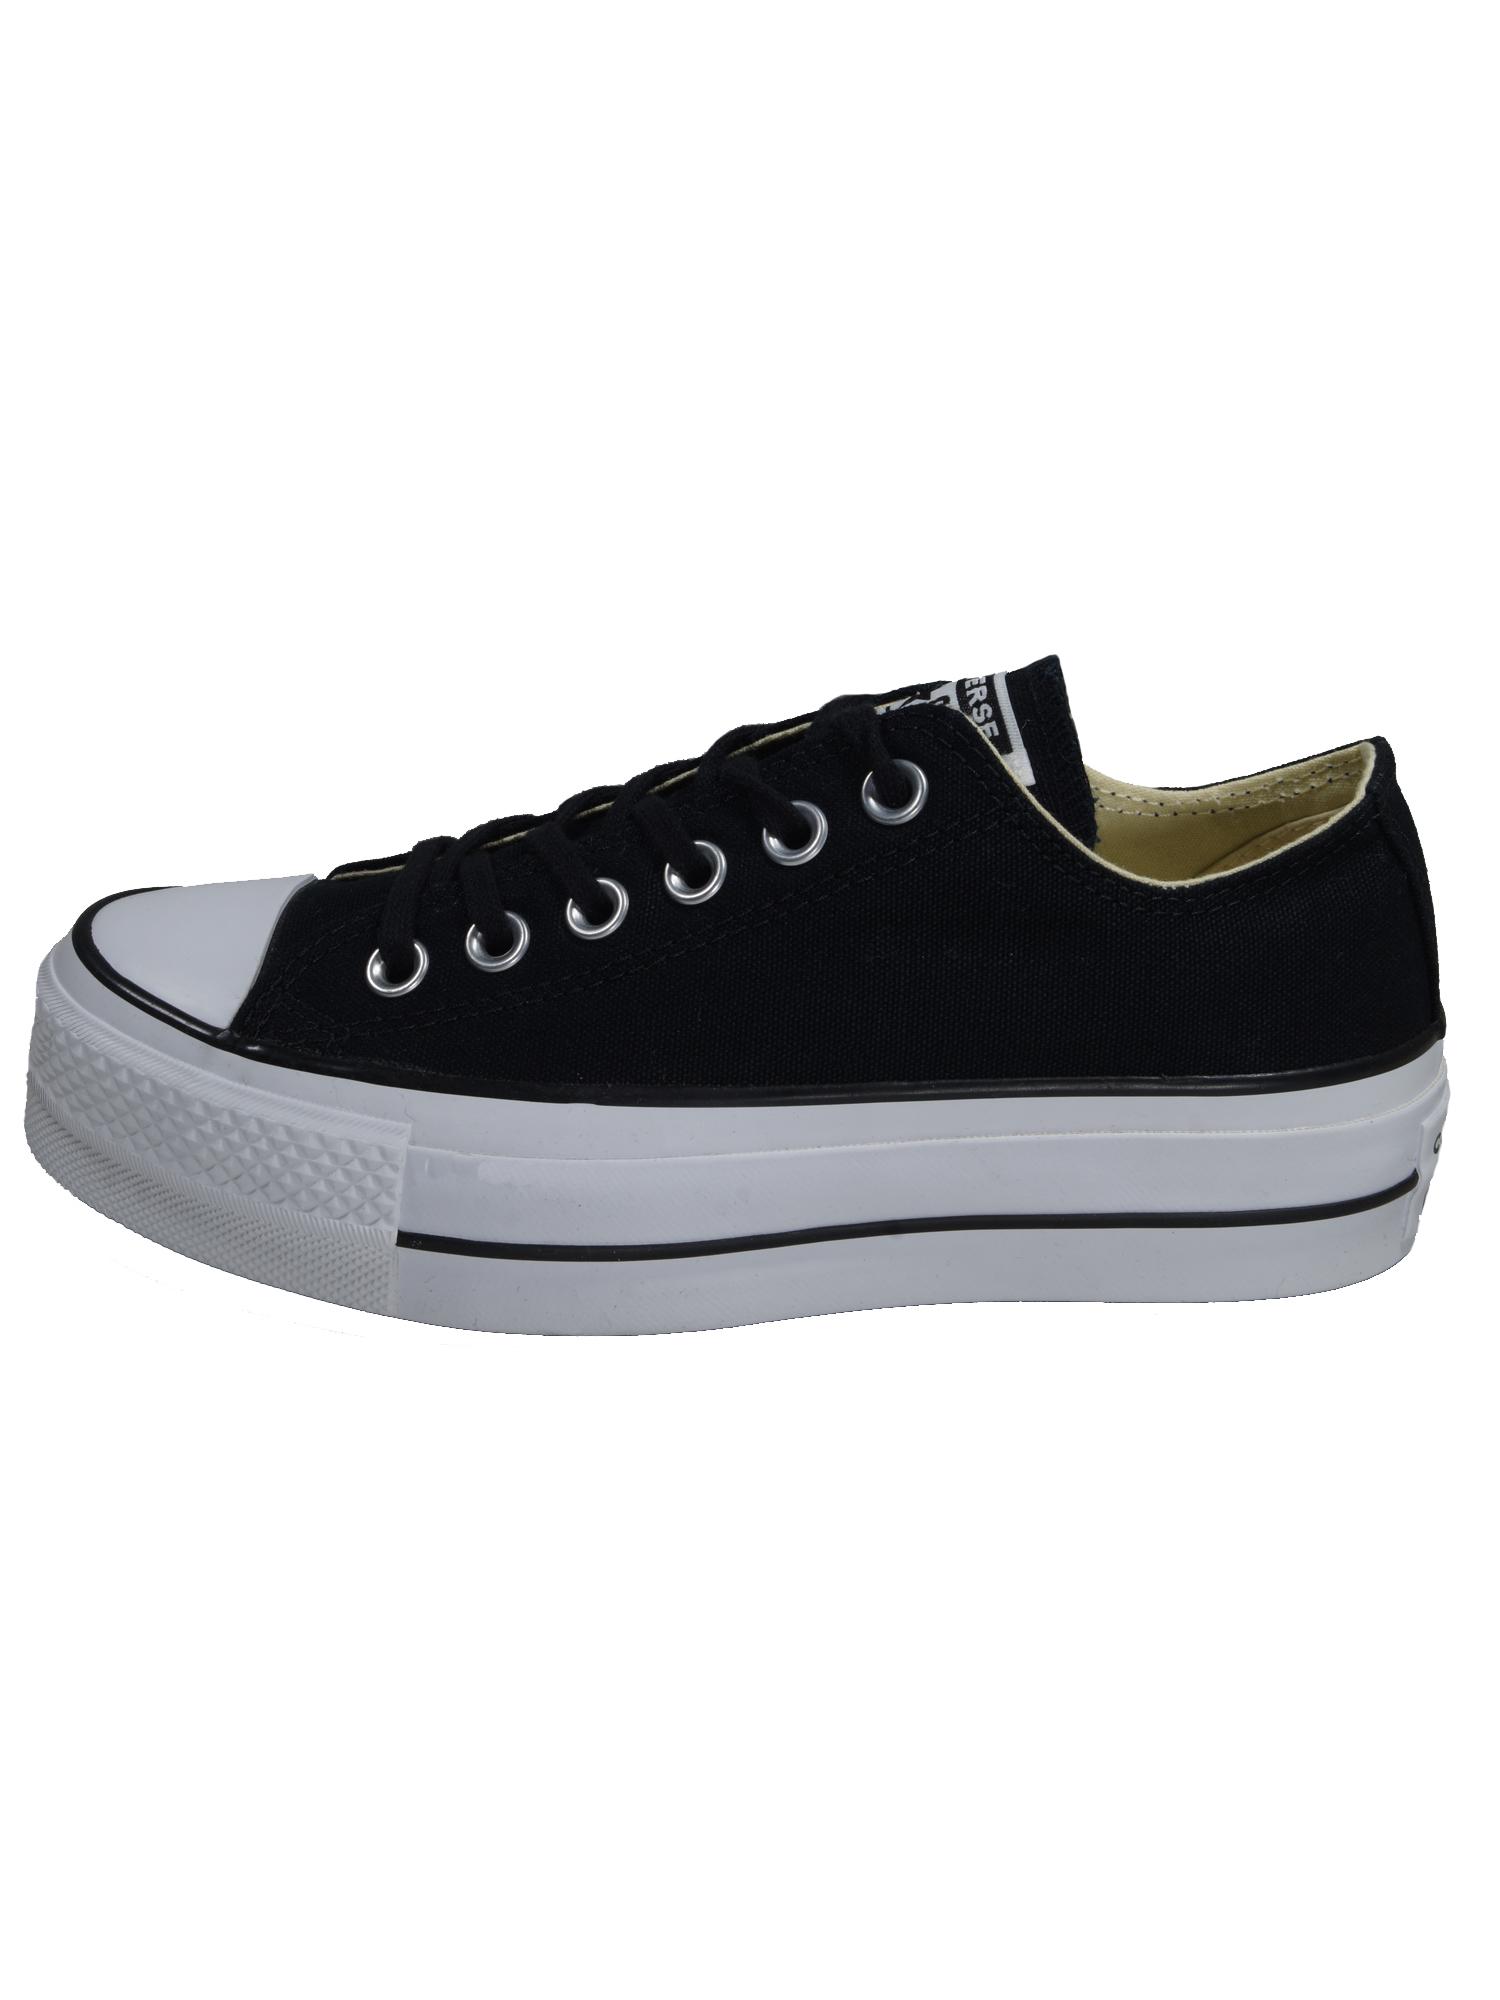 Converse Damen Schuhe CT All Star Lift Ox Schwarz Leinen Sneakers 40